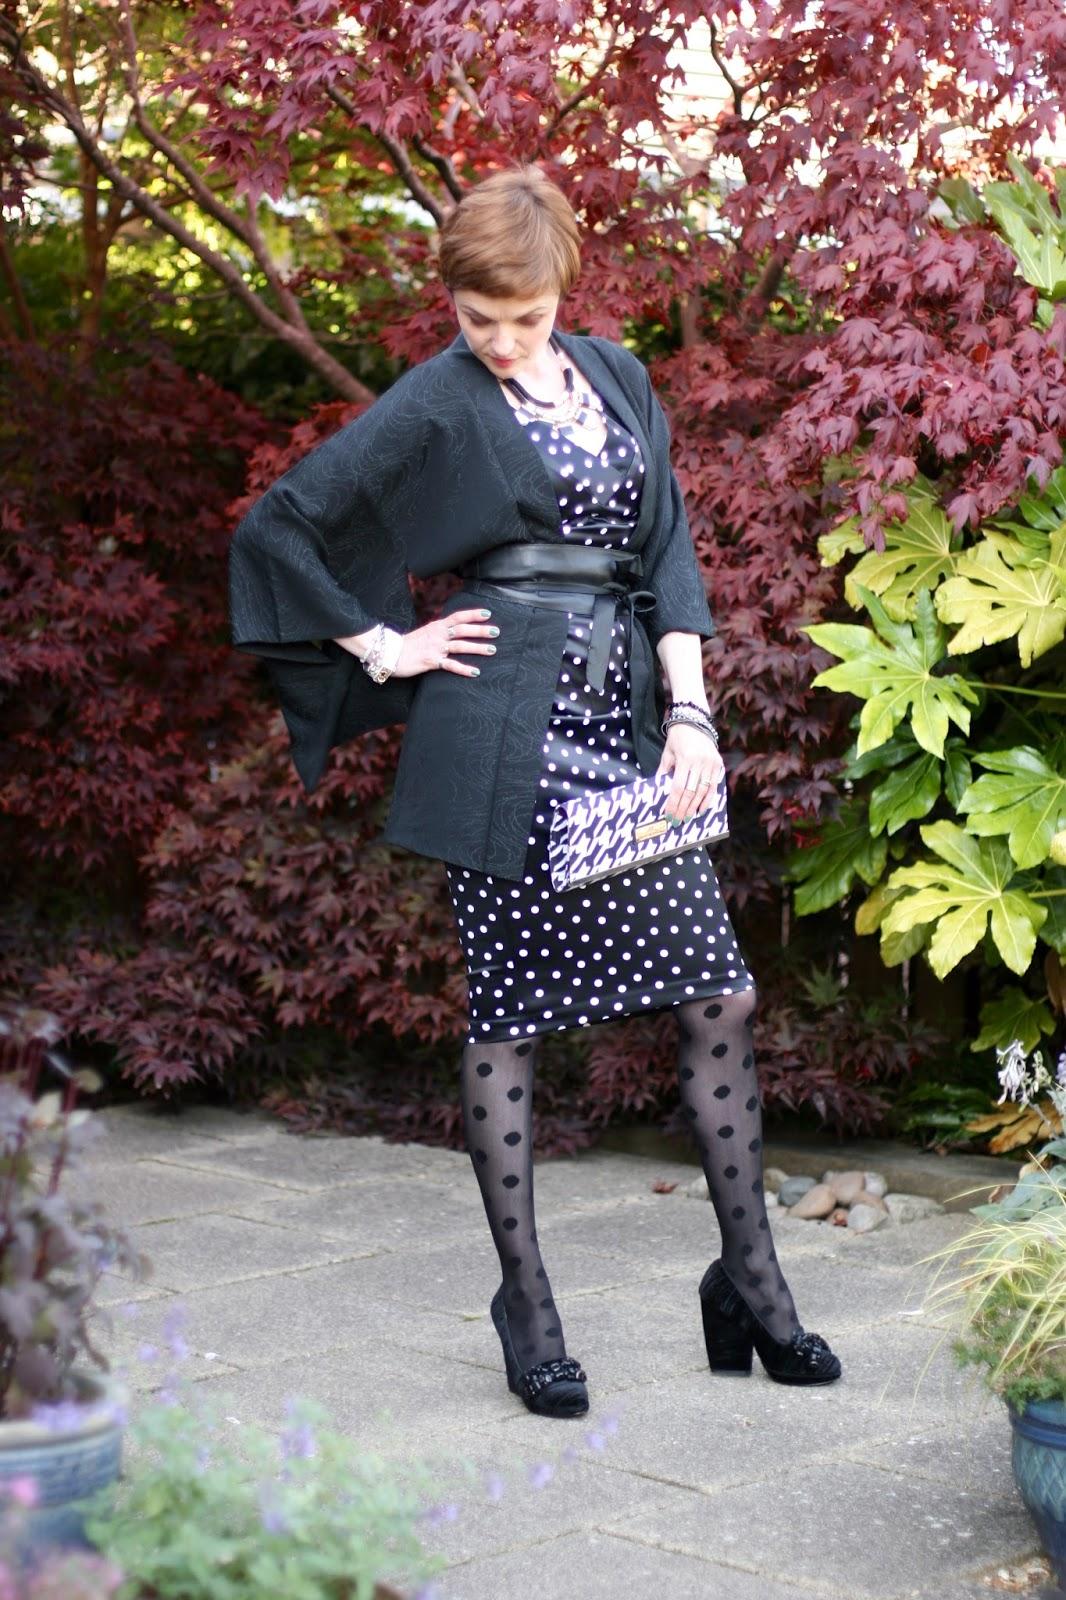 Spotty dress and spotty tights.